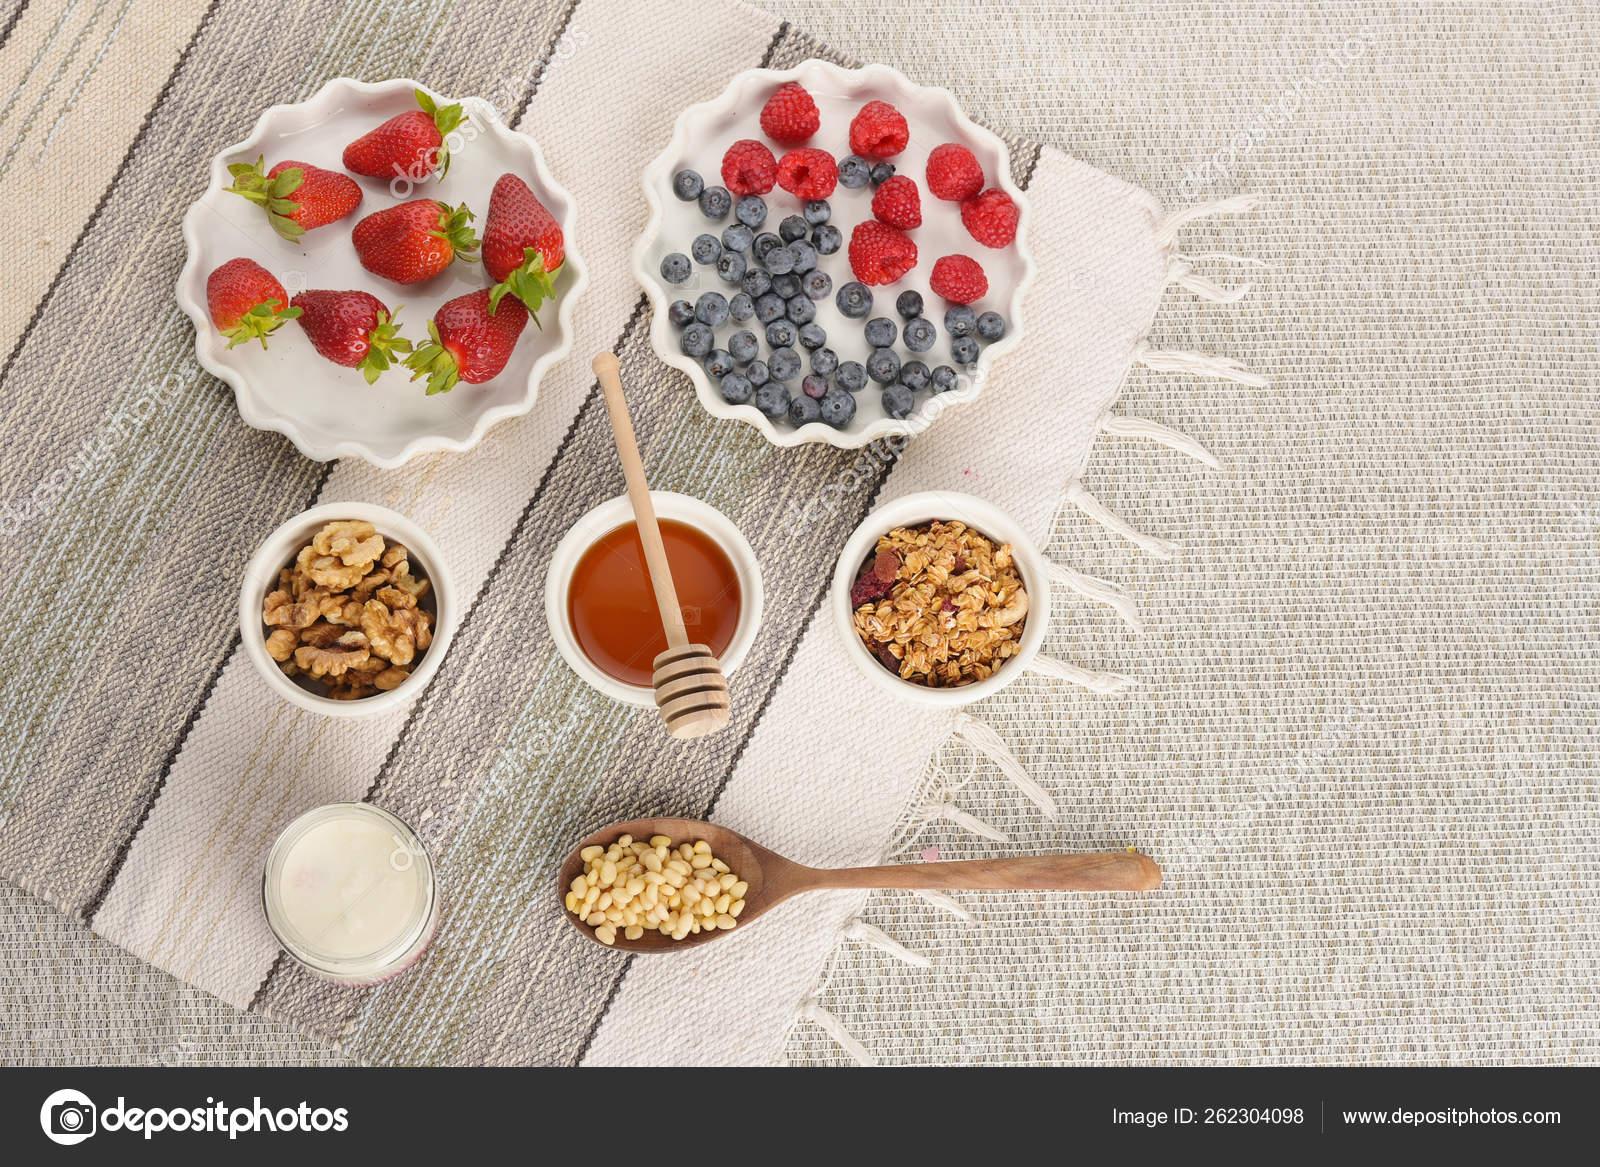 Dieta del yogur y fruta